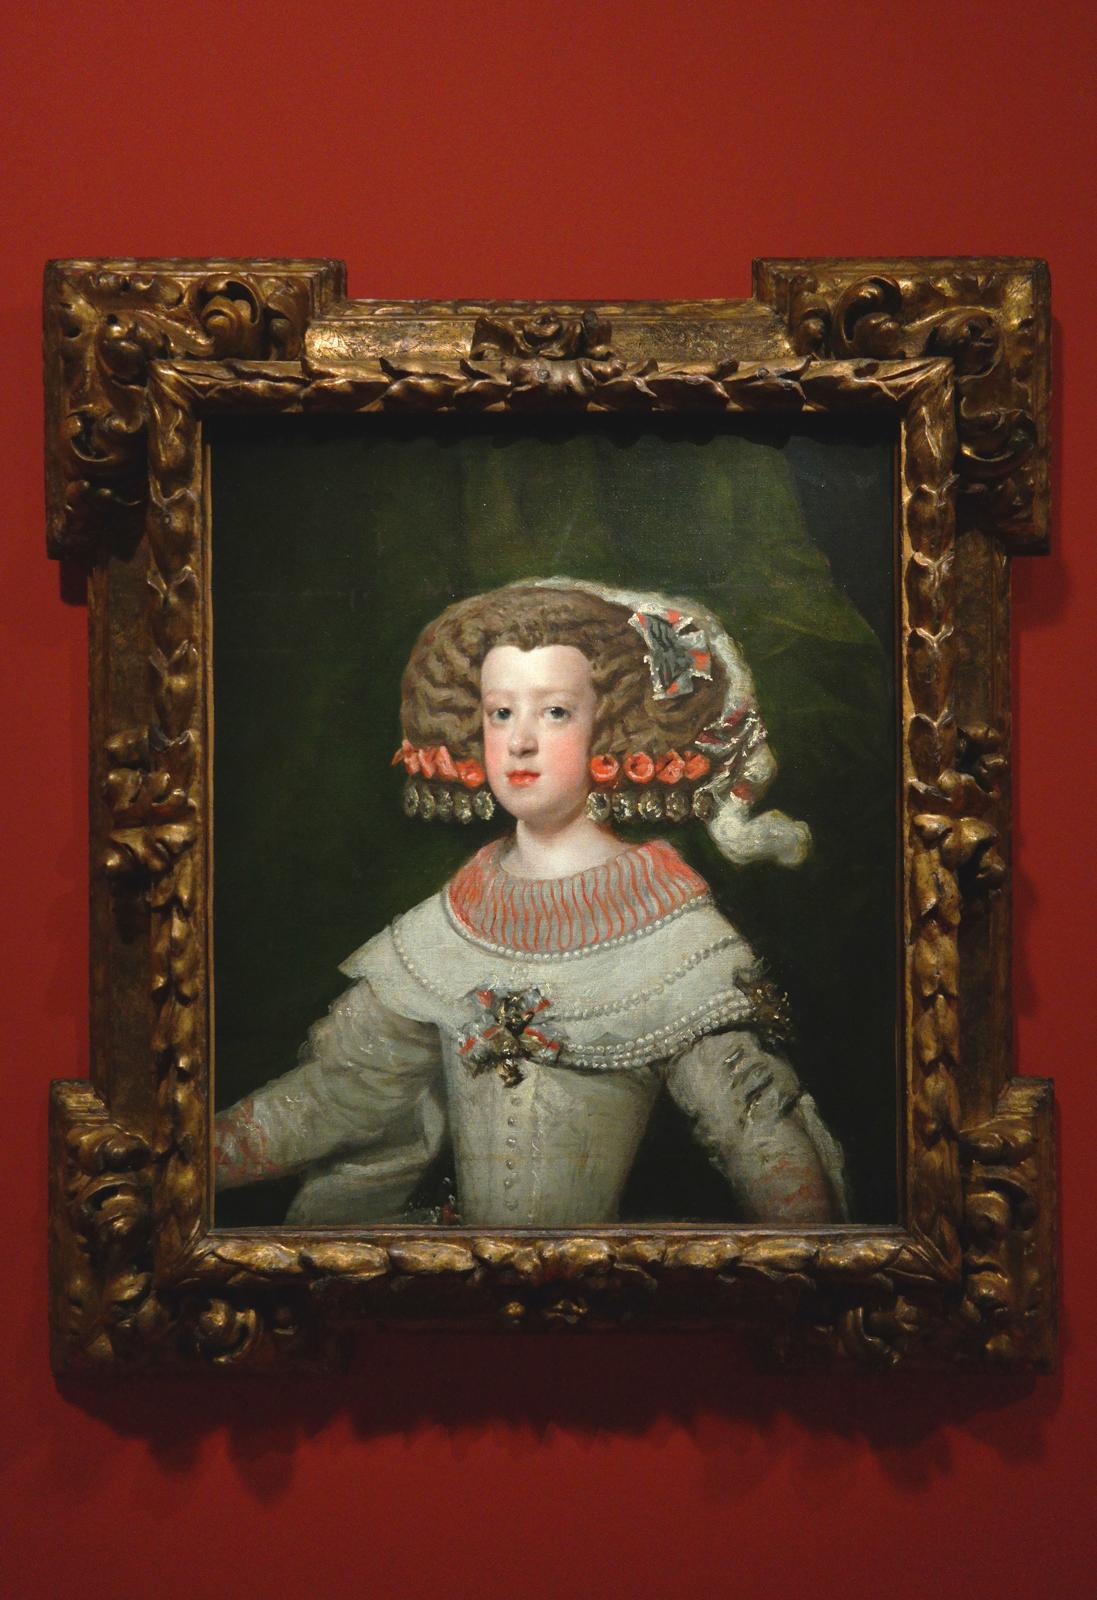 Velazquez au grand palais visite avec lunettes for Velasquez venus au miroir